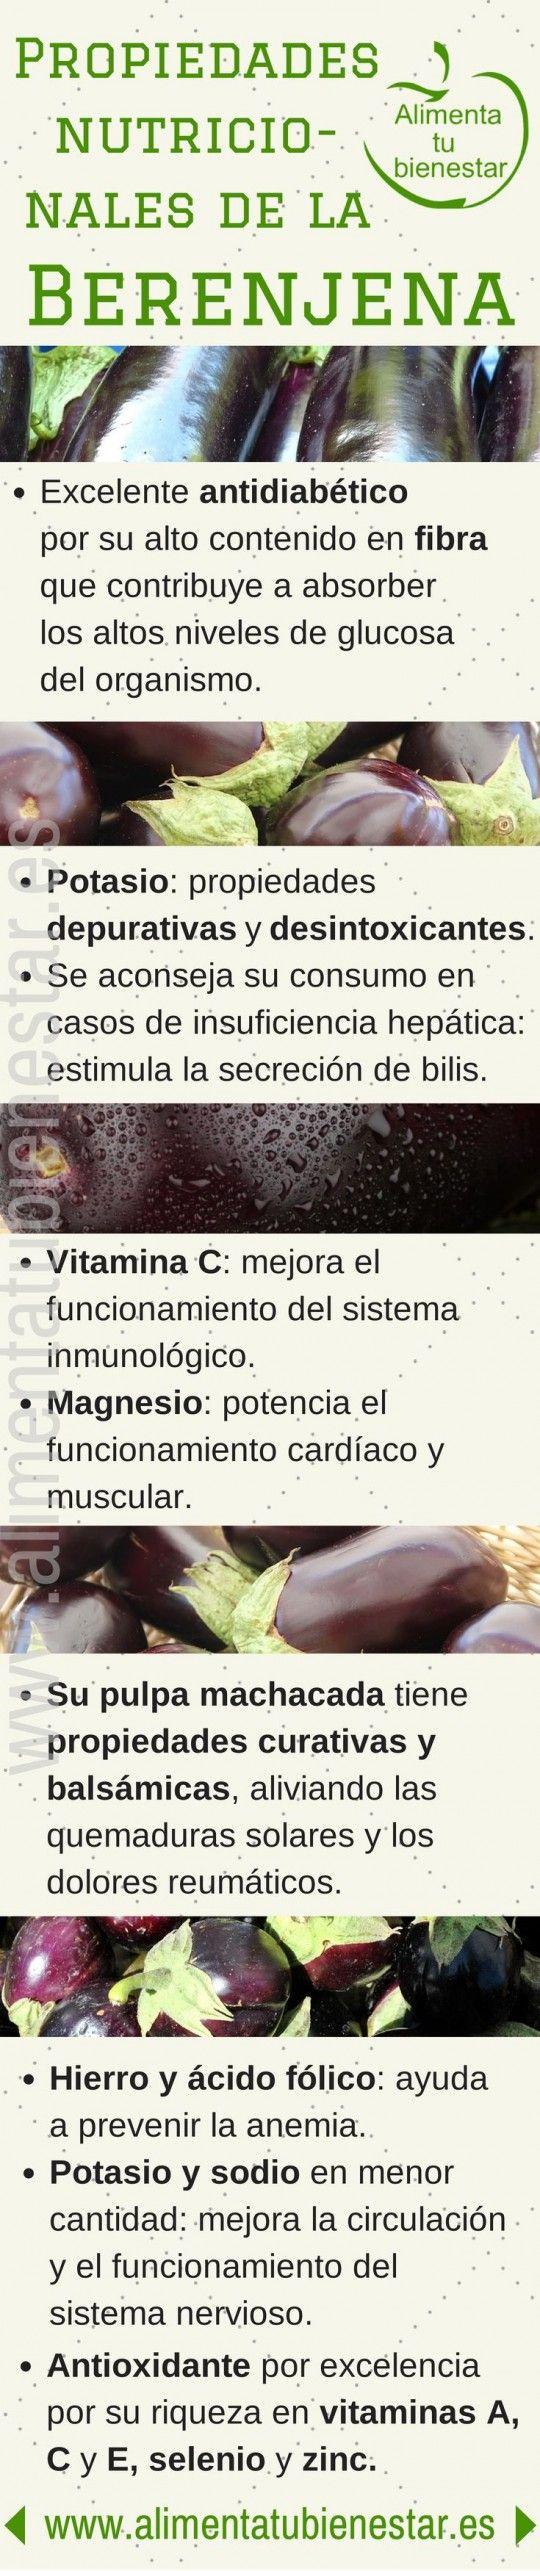 #infografia Propiedades nutricionales de las berenjenas #nutricion #salud #bienestar